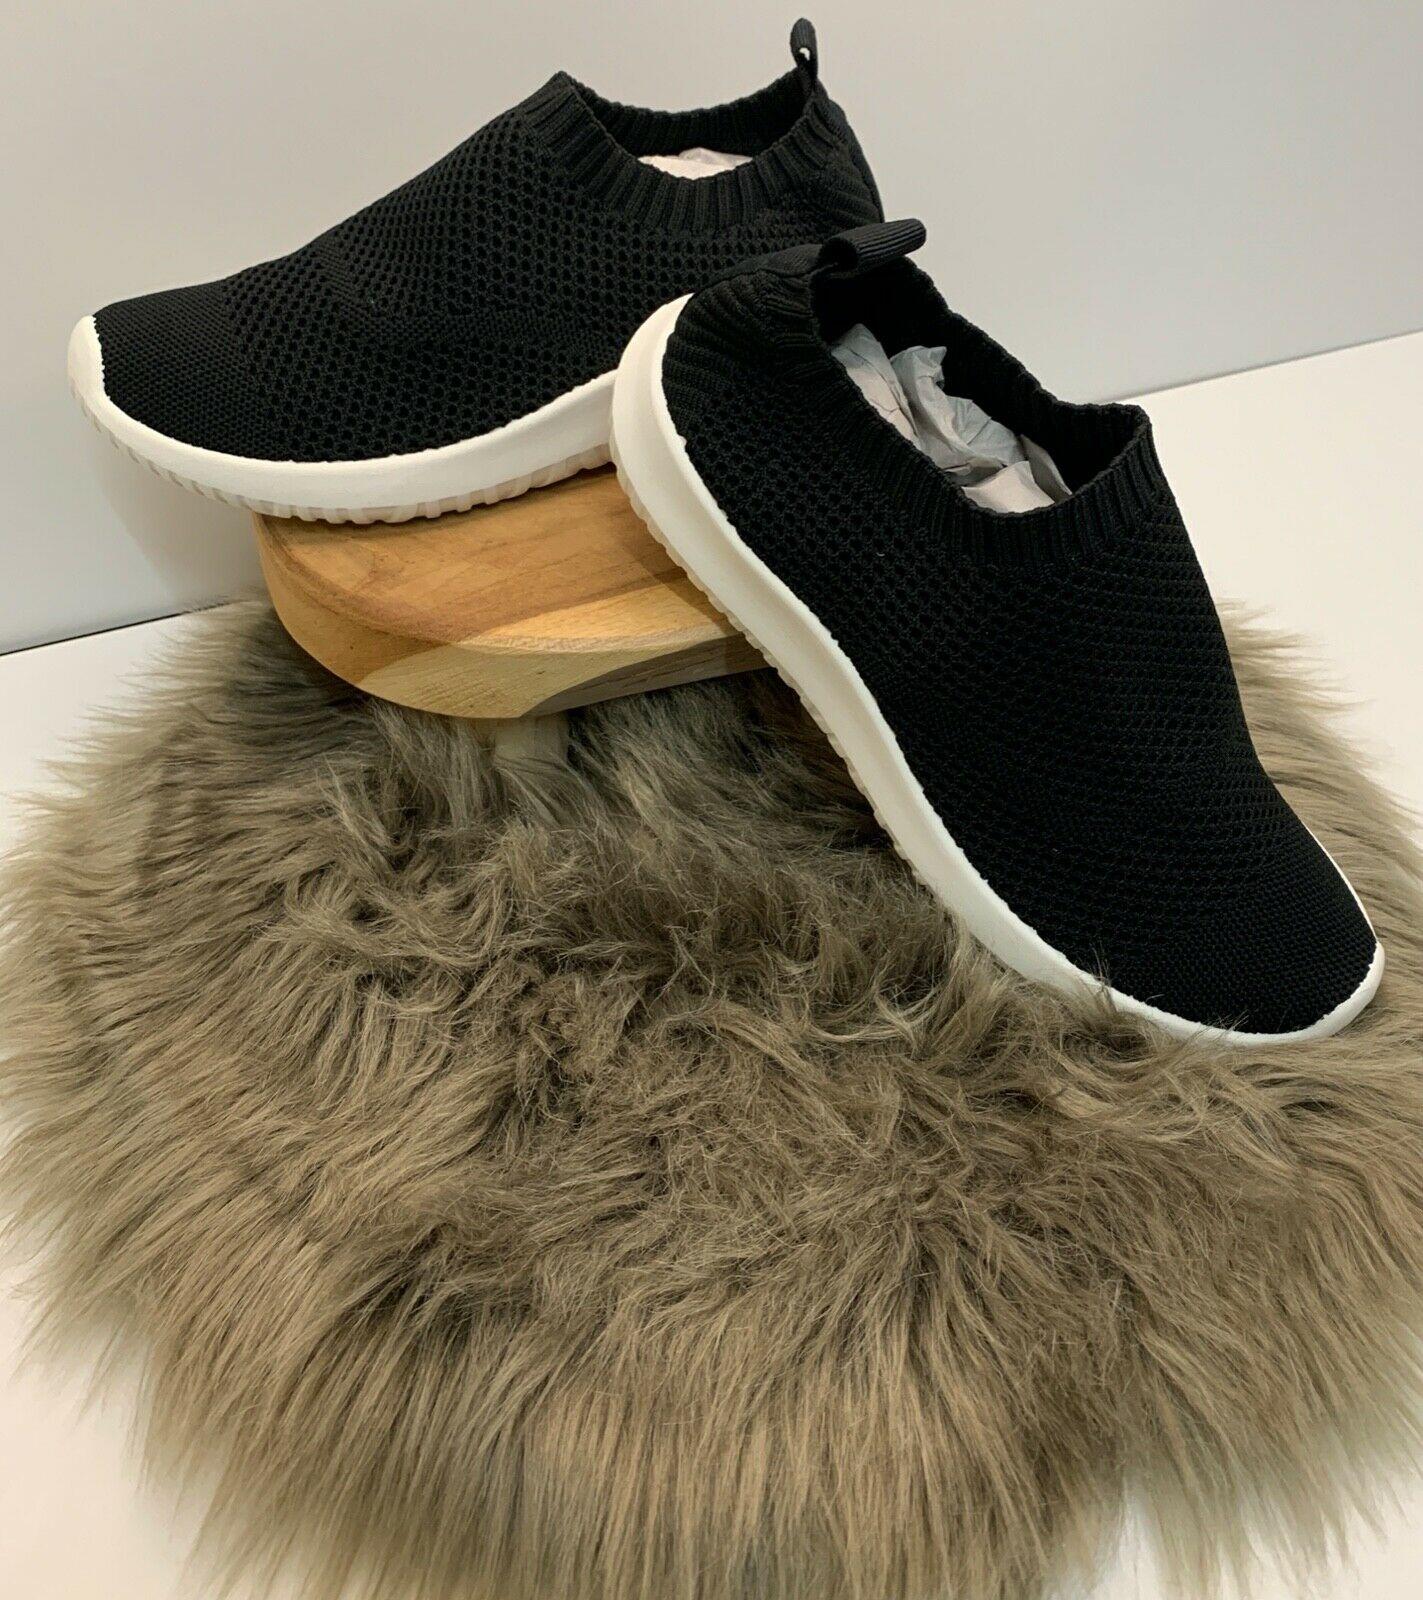 Damen Netz Sneaker schwarz mit weißer Sohle NEU Gr. 36-41